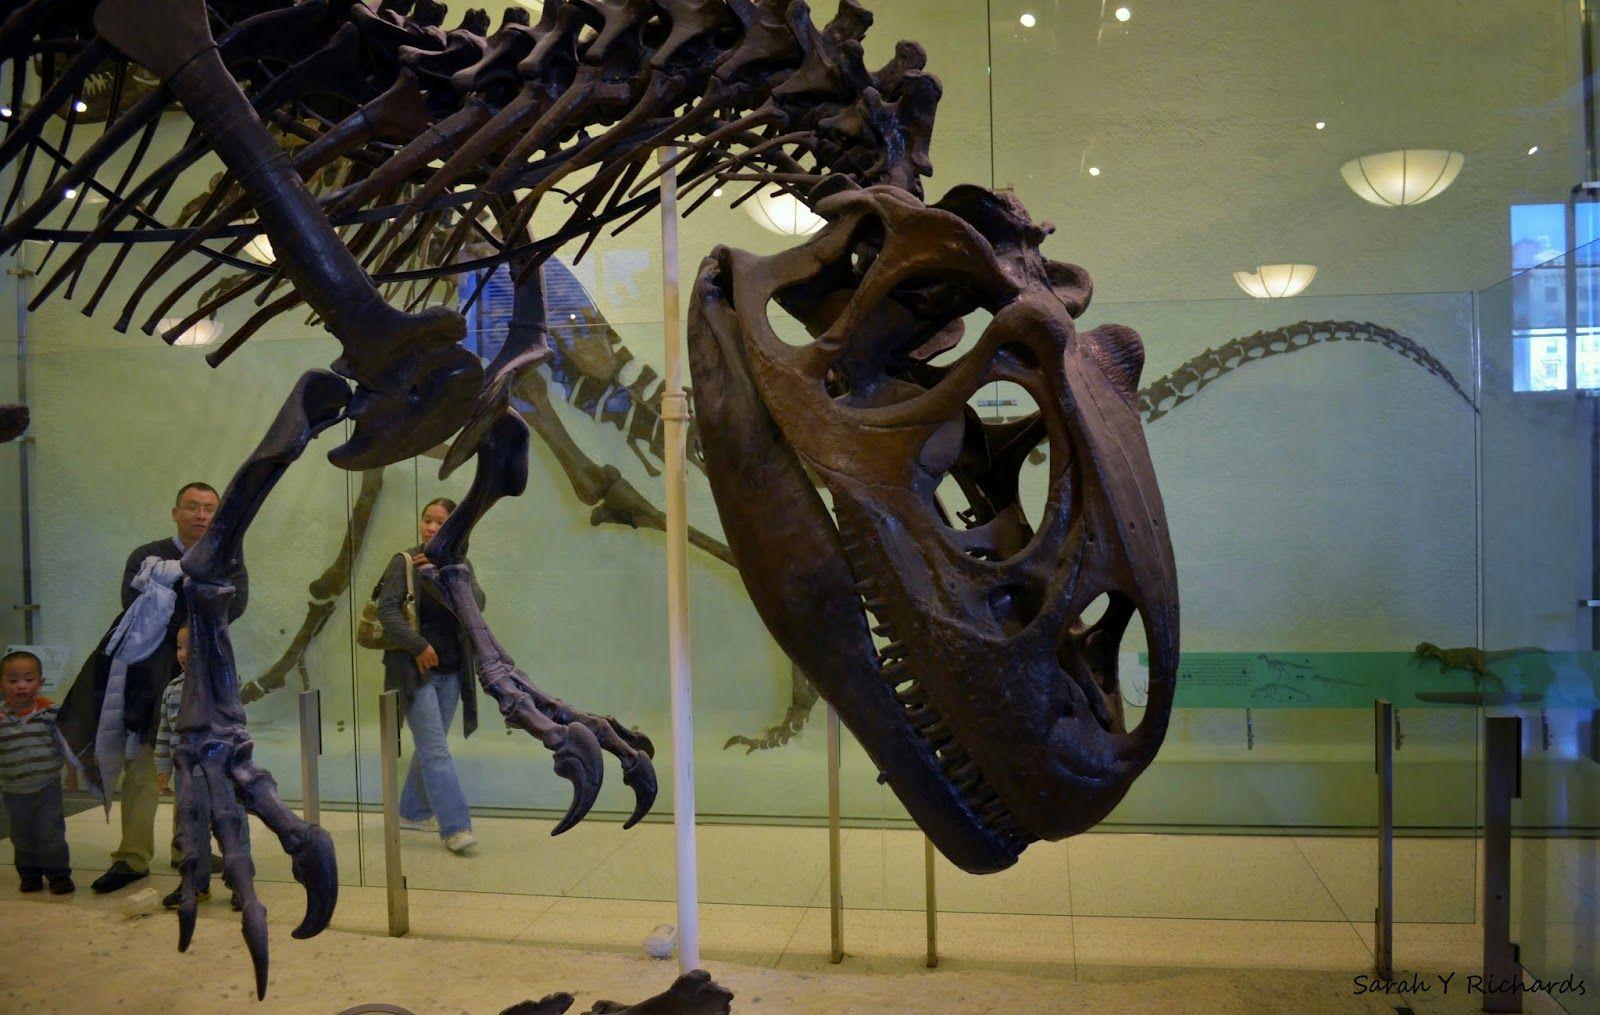 Descubre Cómo Entrar Gratis Al Museoamericanodehistorianacional Amnh Museo Museum Nyc Nuevayork Manhat Museo Americano De Historia Natural Museos Arte